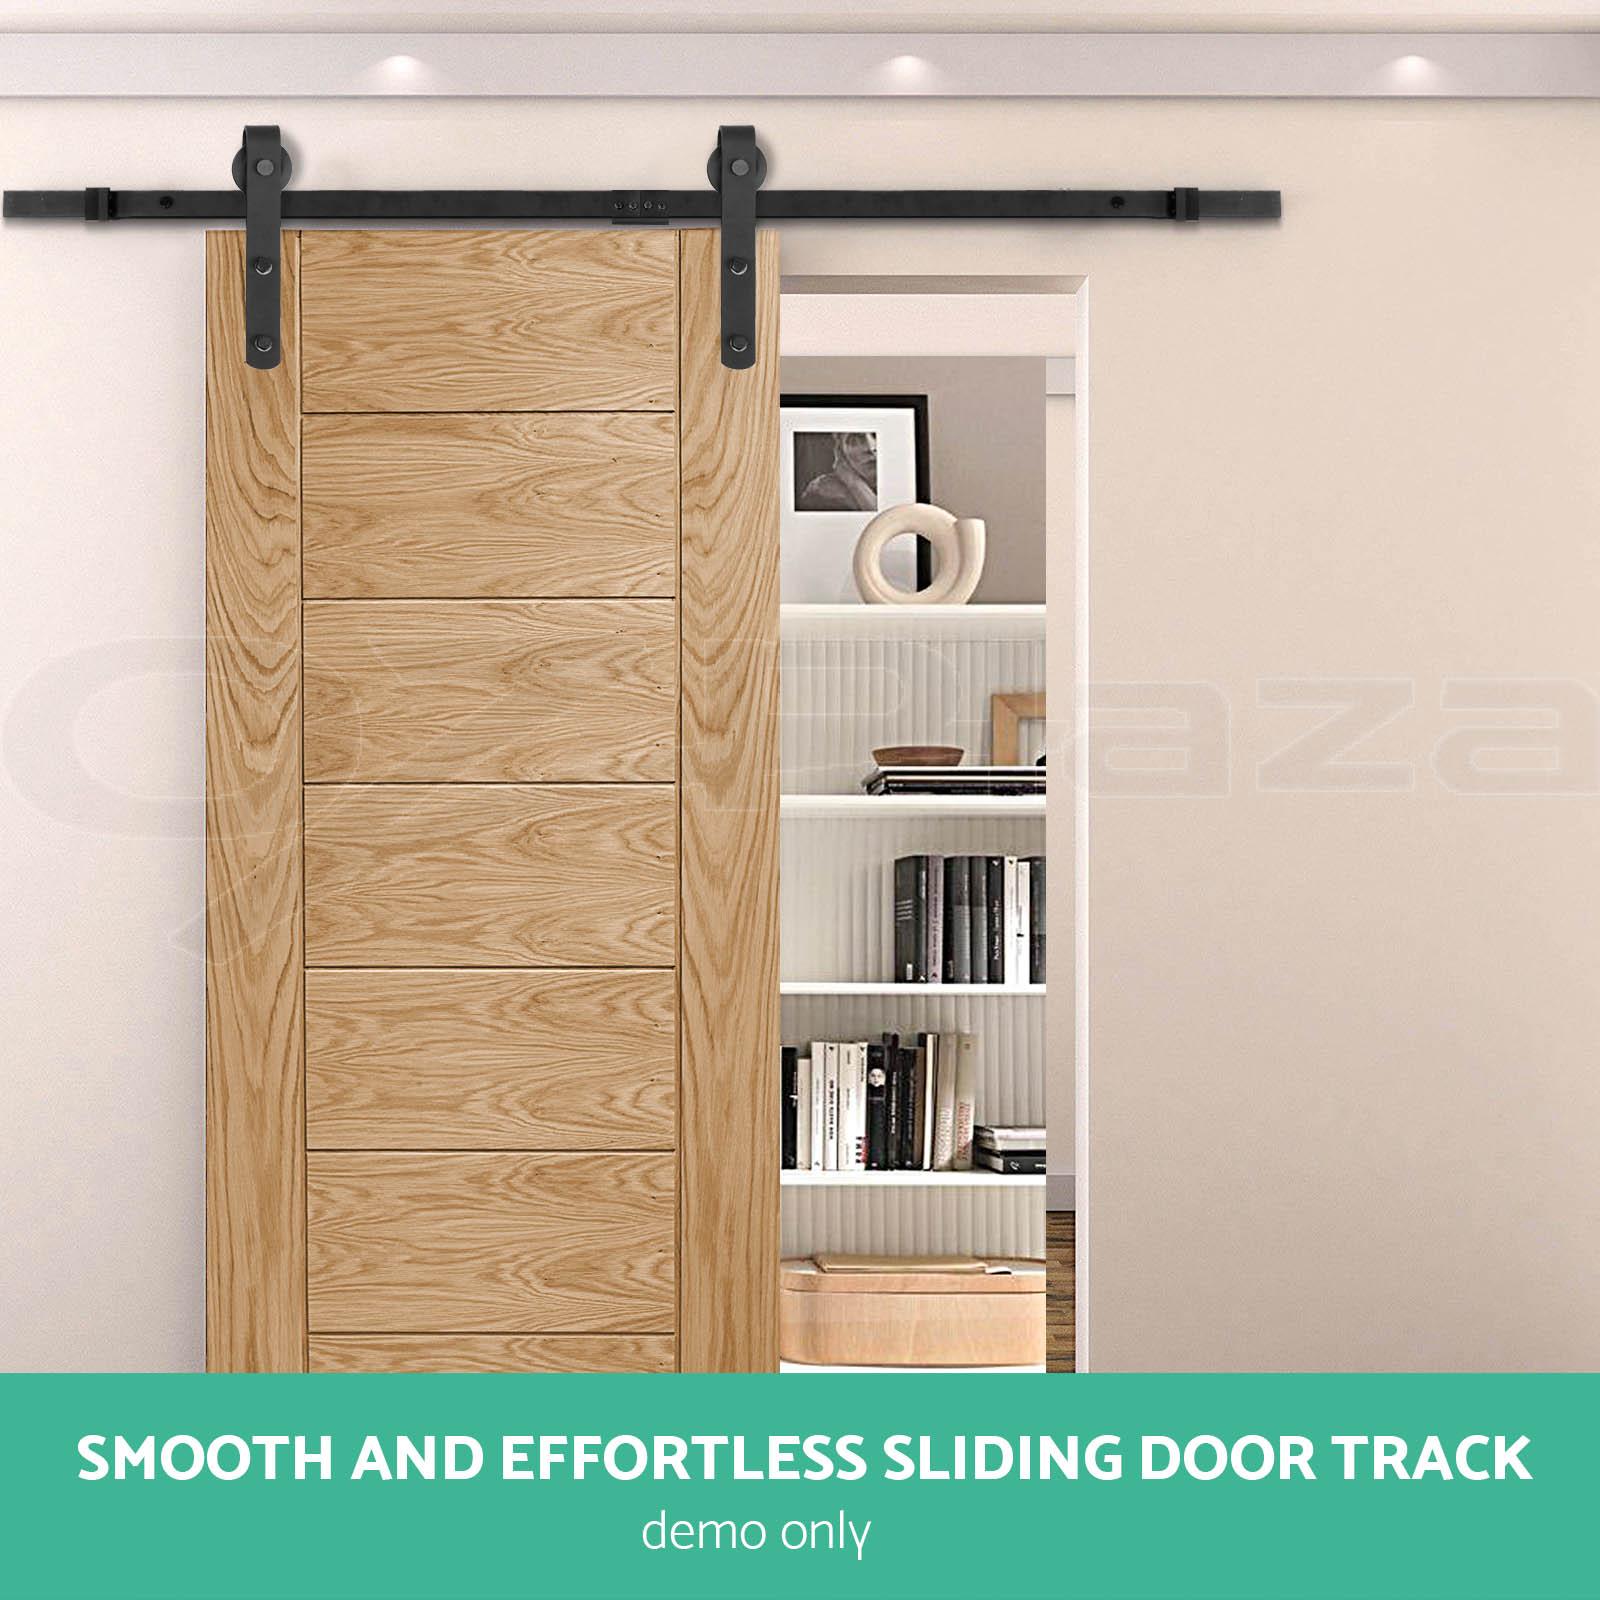 2m Sliding Barn Door Hardware Track Set Home Office Bedroom Interior Closet